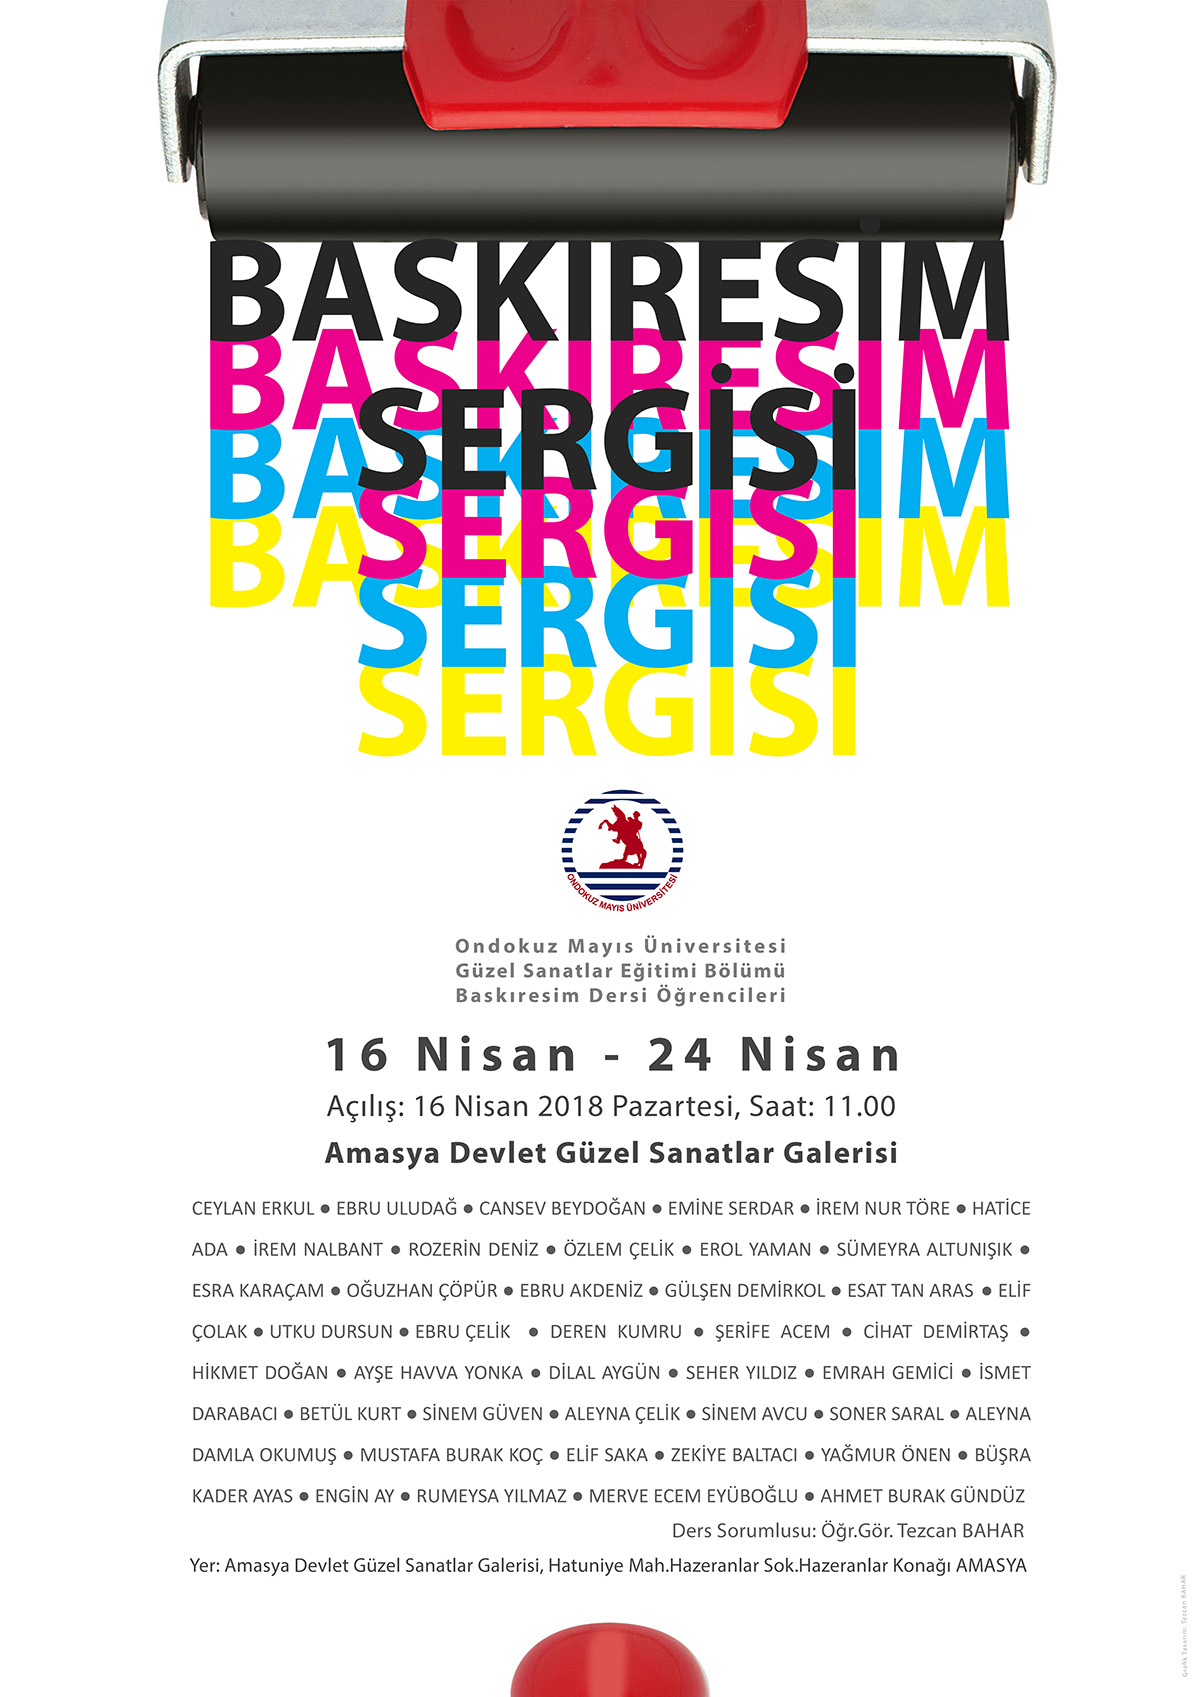 http://www.omu.edu.tr/sites/default/files/baskiresim_sergisi_amasya_medya.jpg